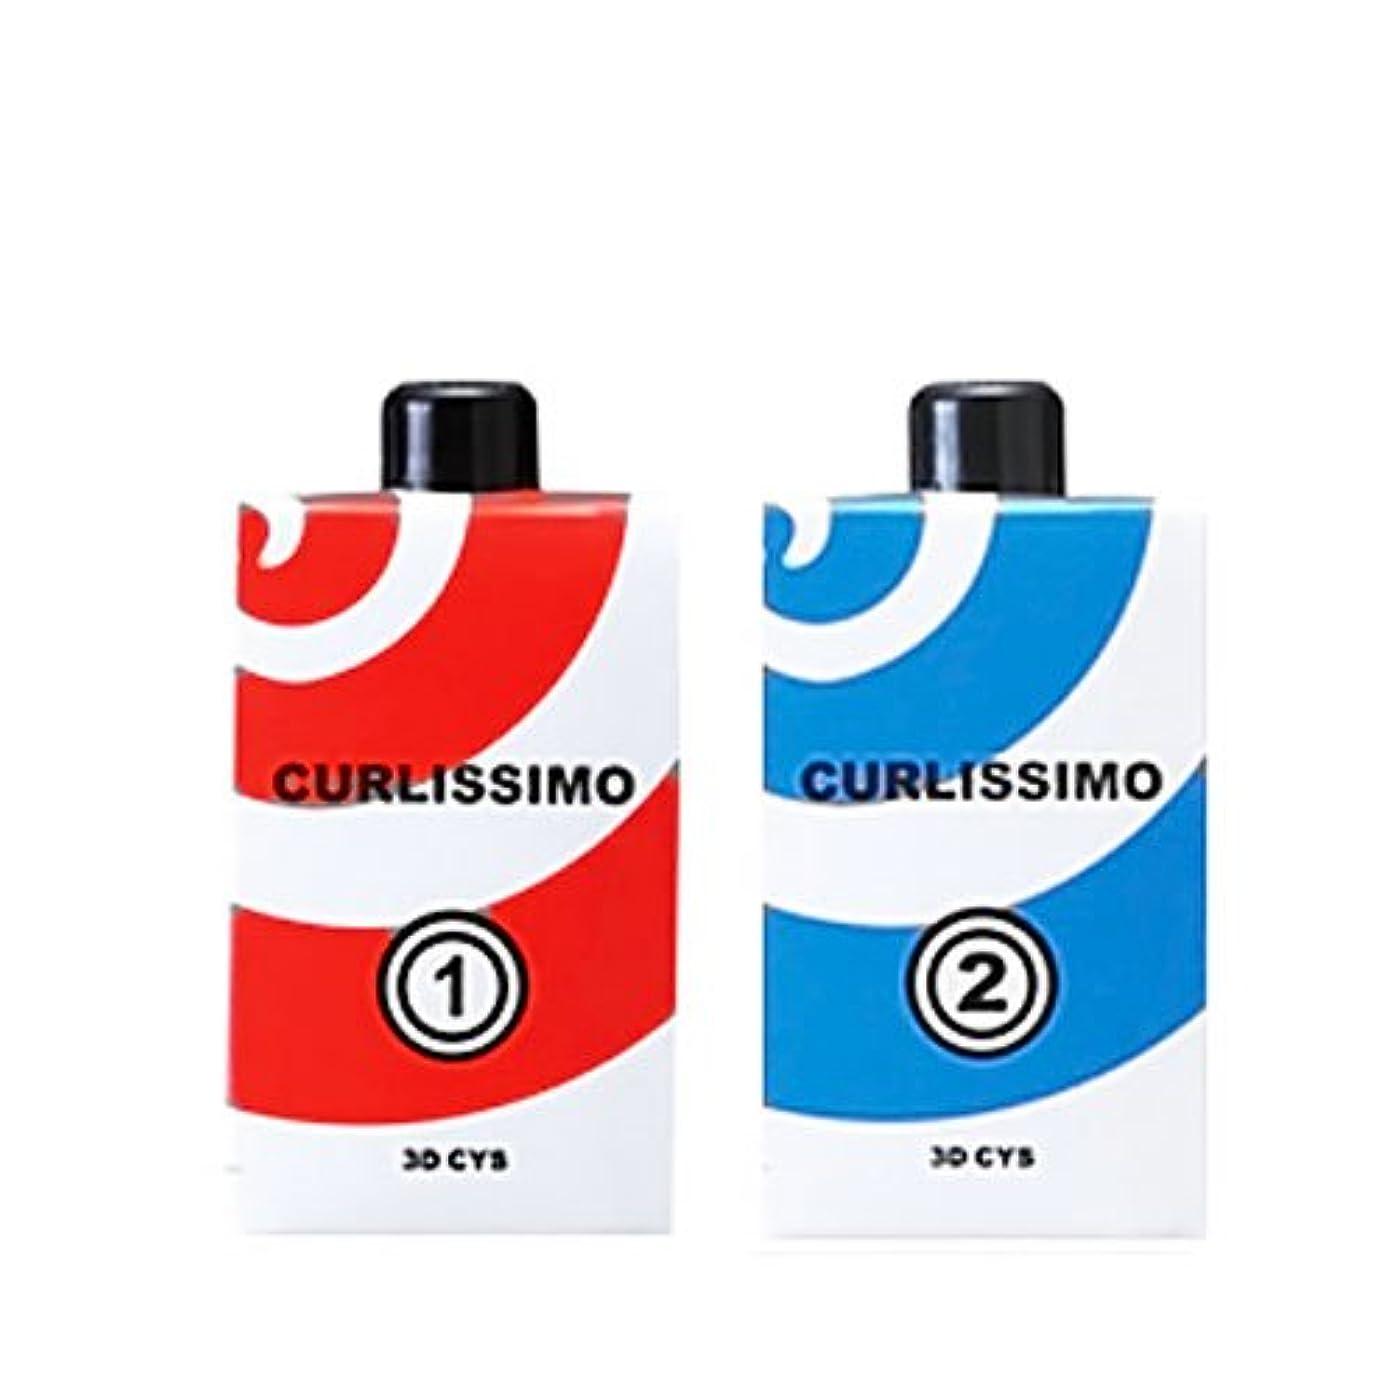 吸う区別満員ムコタ カーリッシモ 3D CYS(システイン タイプ) 各400ml【パーマ液】【1剤?2剤】MUCOTA CURLISSIMO